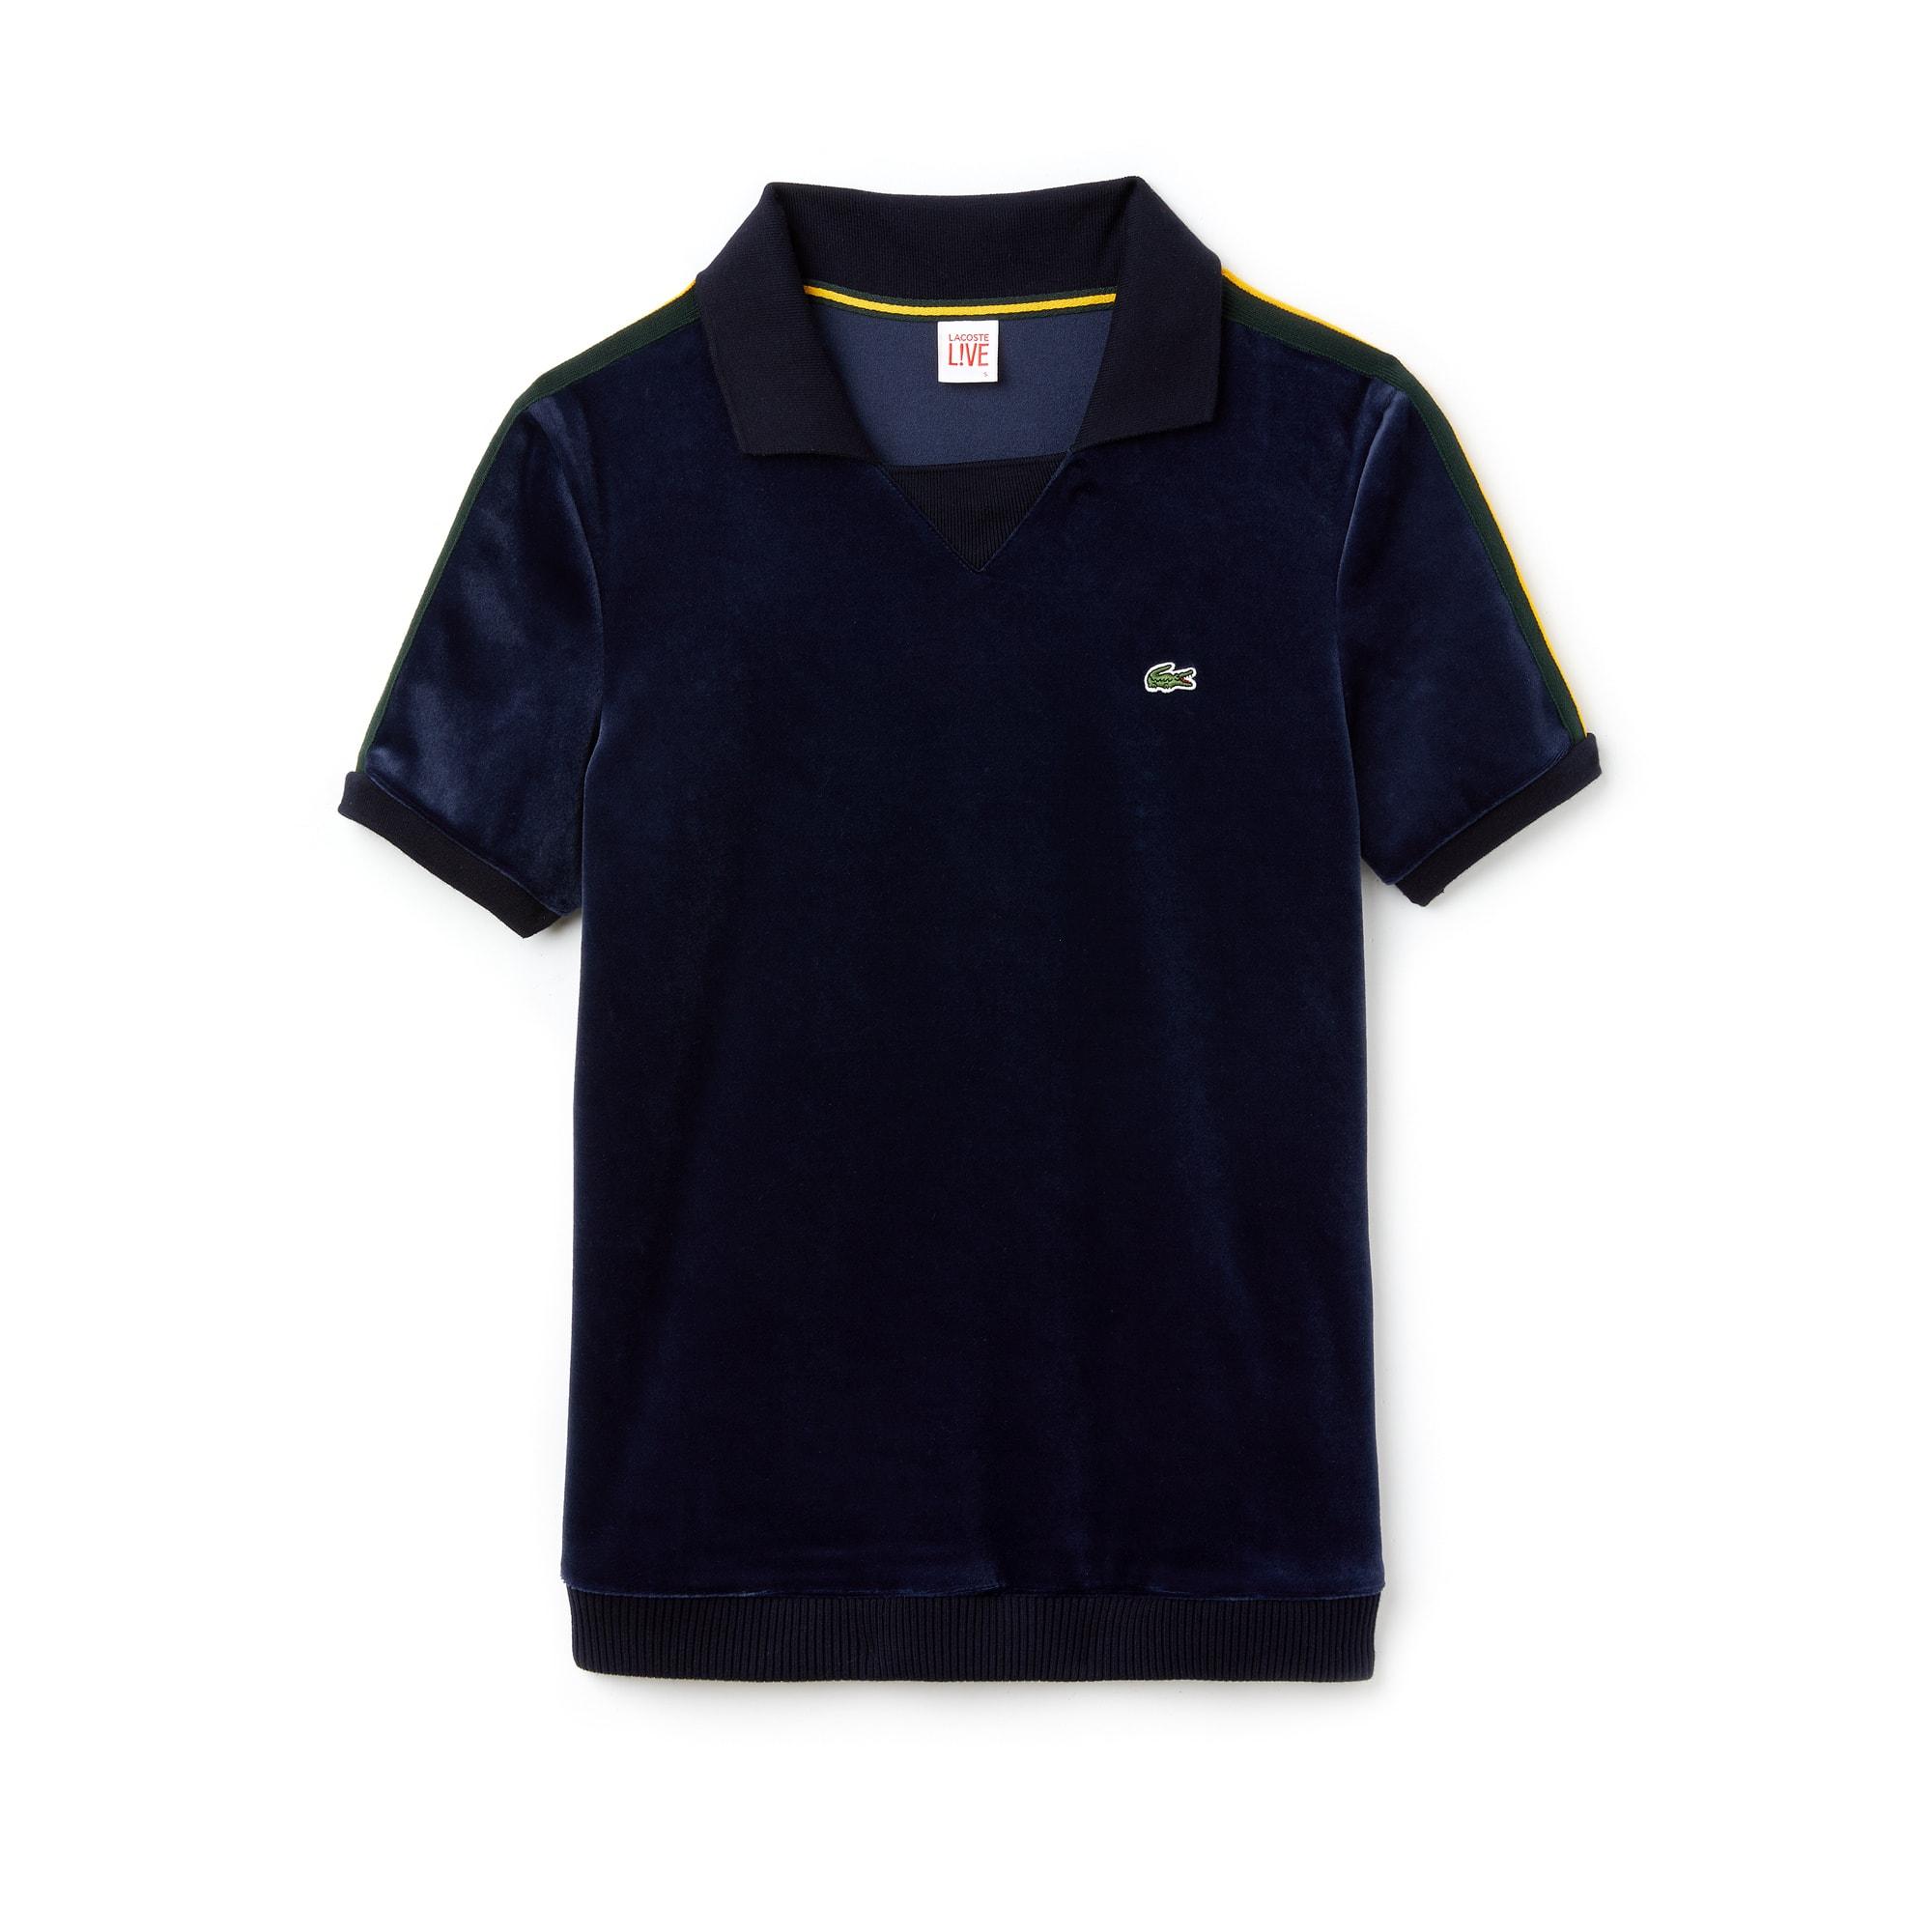 قميص بولو من Lacoste LIVE للنساء من الفيلور وبقصة واسعة